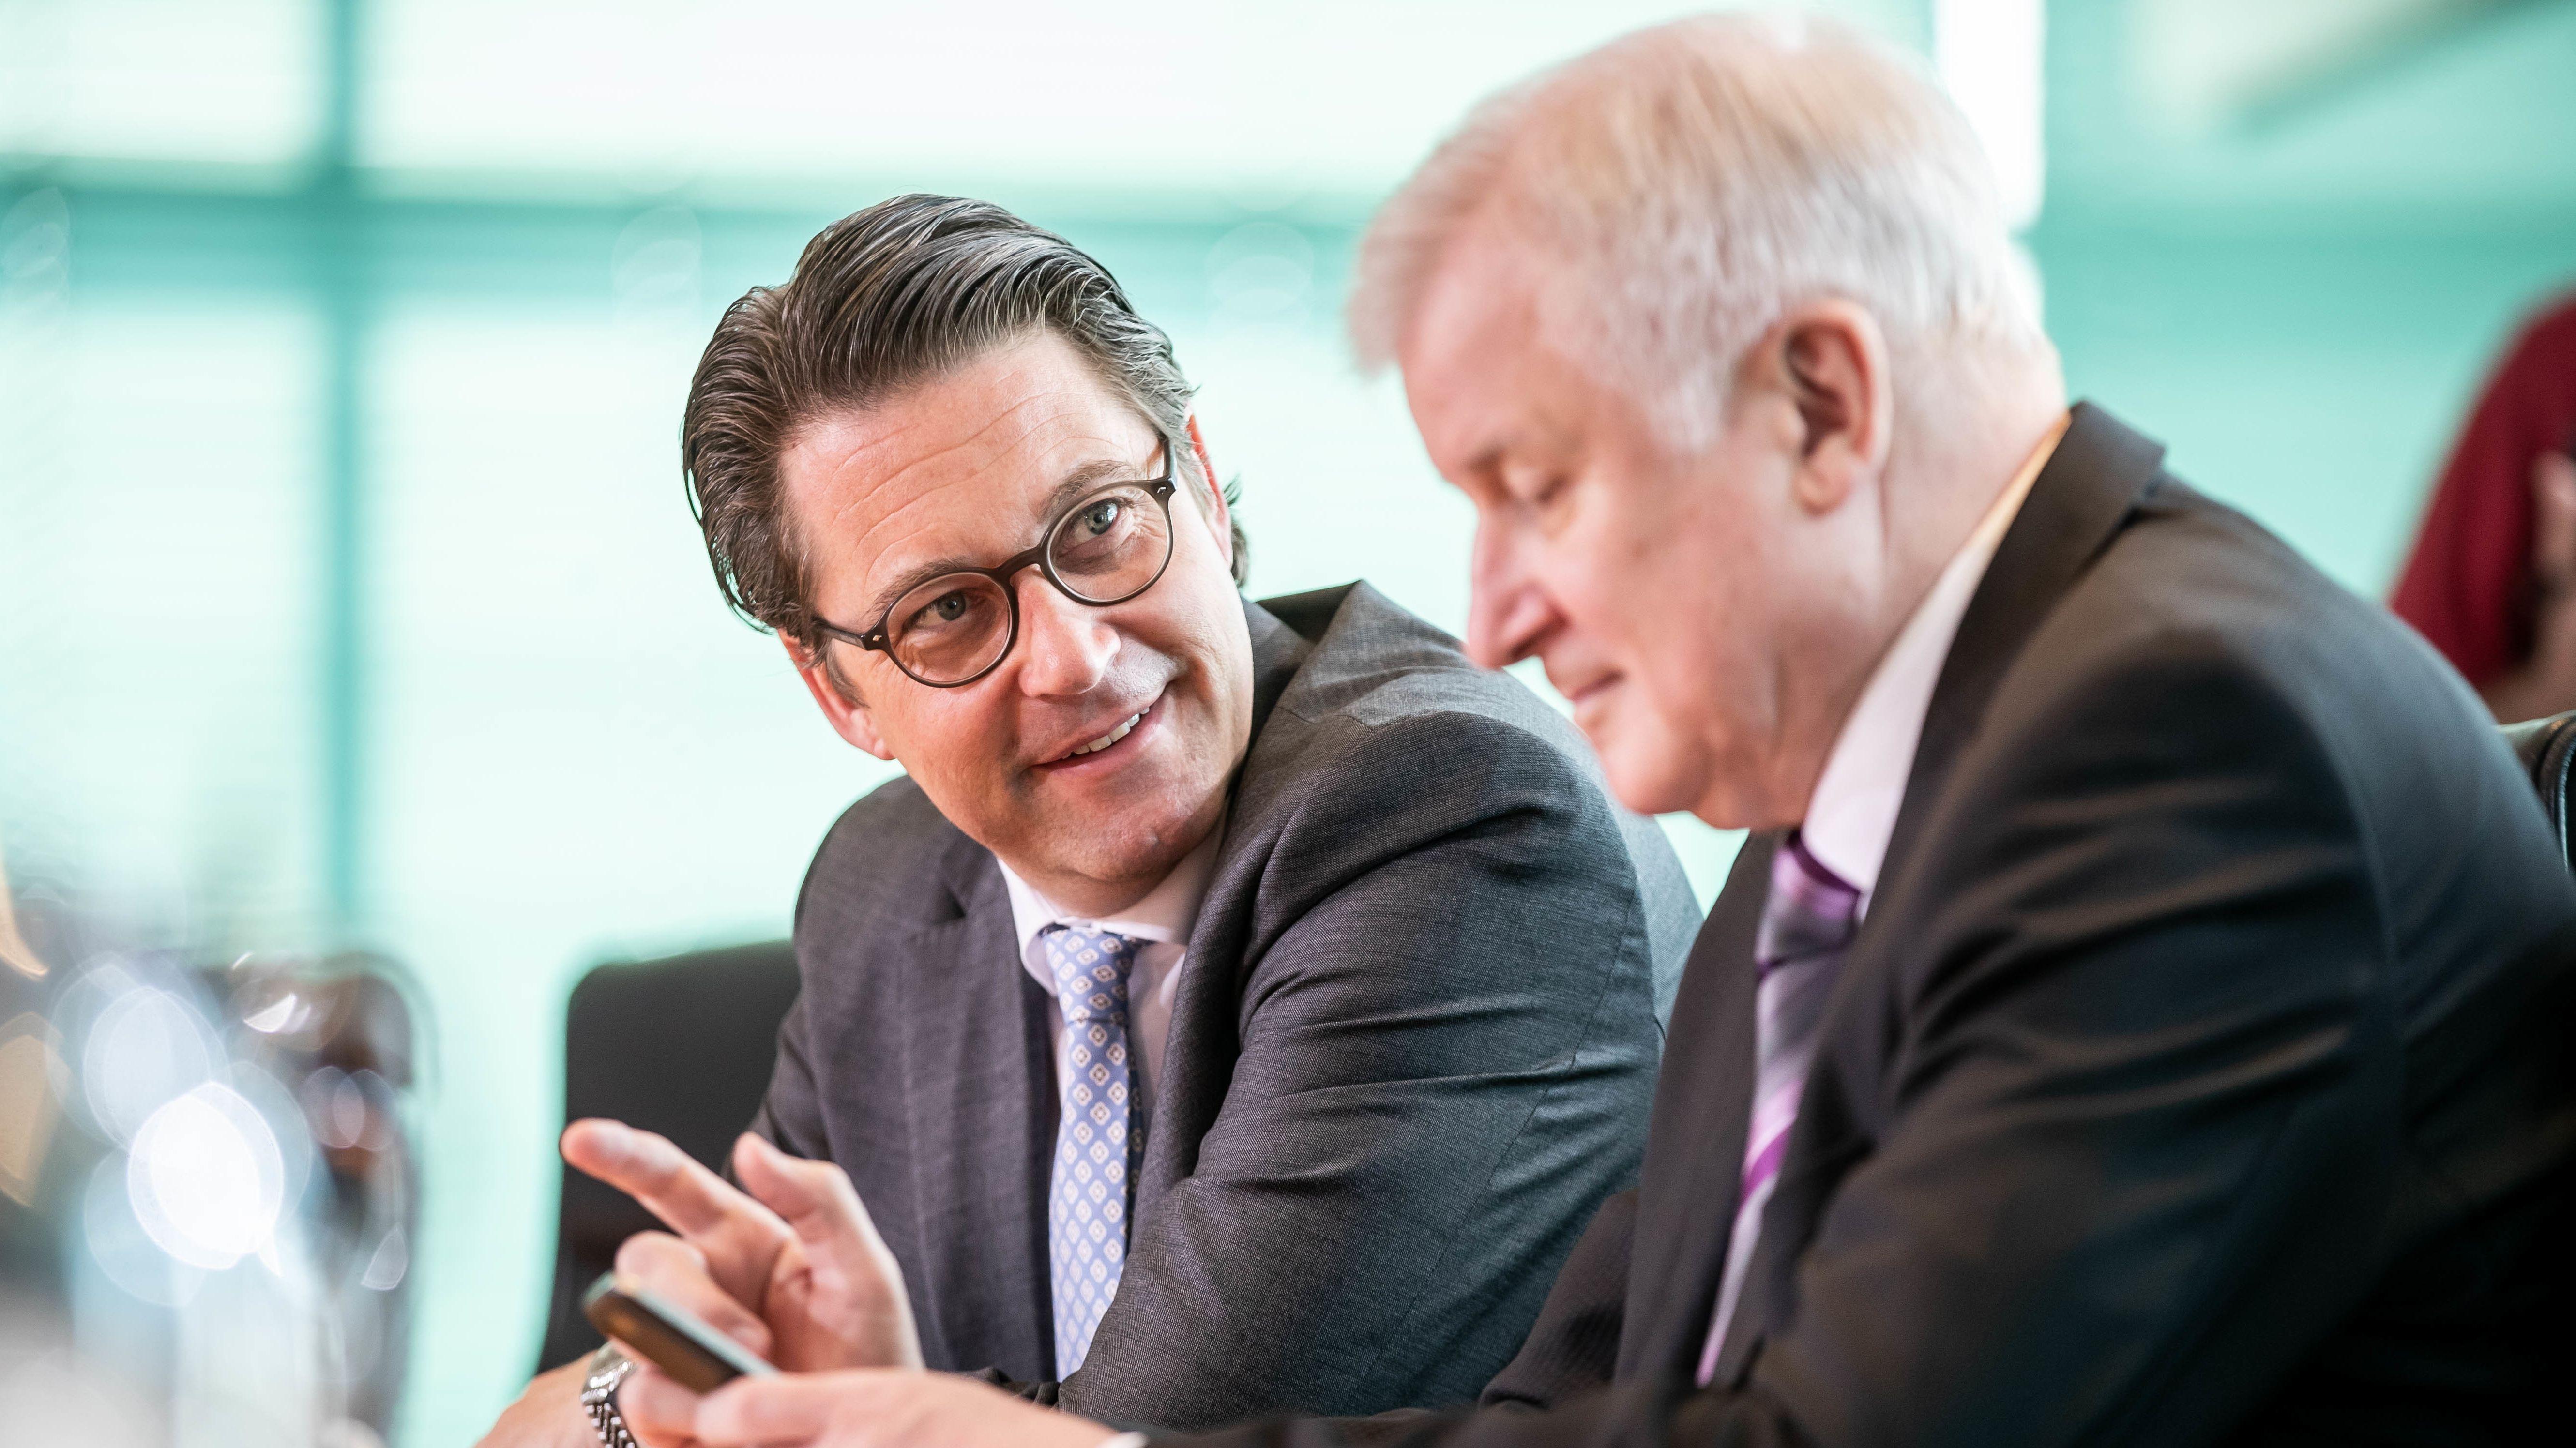 Bundesverkehrsminister Andreas Scheuer (CSU, l.) und Bundesinnenminister Horst Seehofer (CSU, l.) vor einer Kabinettssitzung im Juni 2019